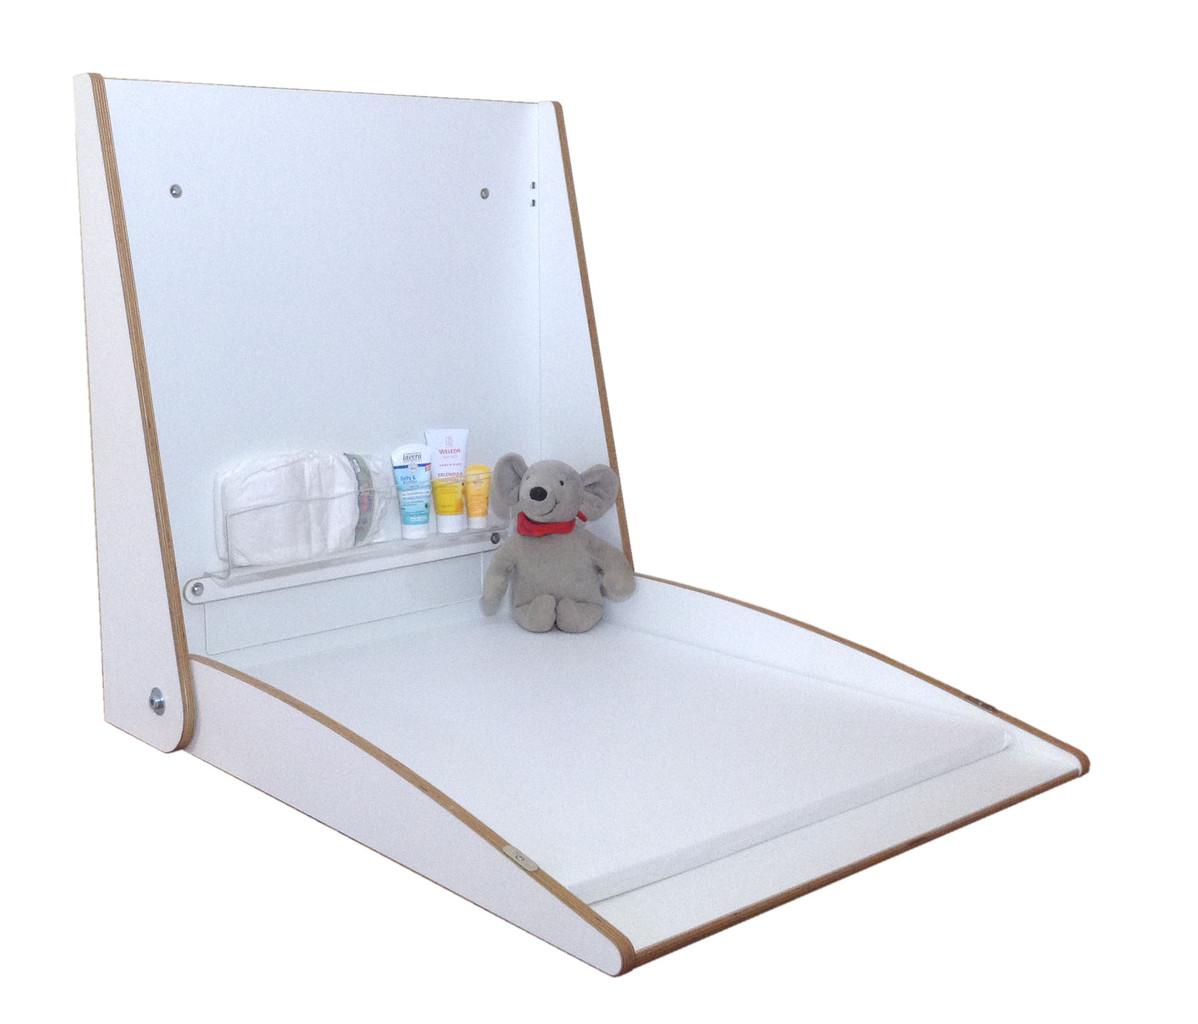 klappbarer wickeltisch kind und raum wickelaufsatz. Black Bedroom Furniture Sets. Home Design Ideas